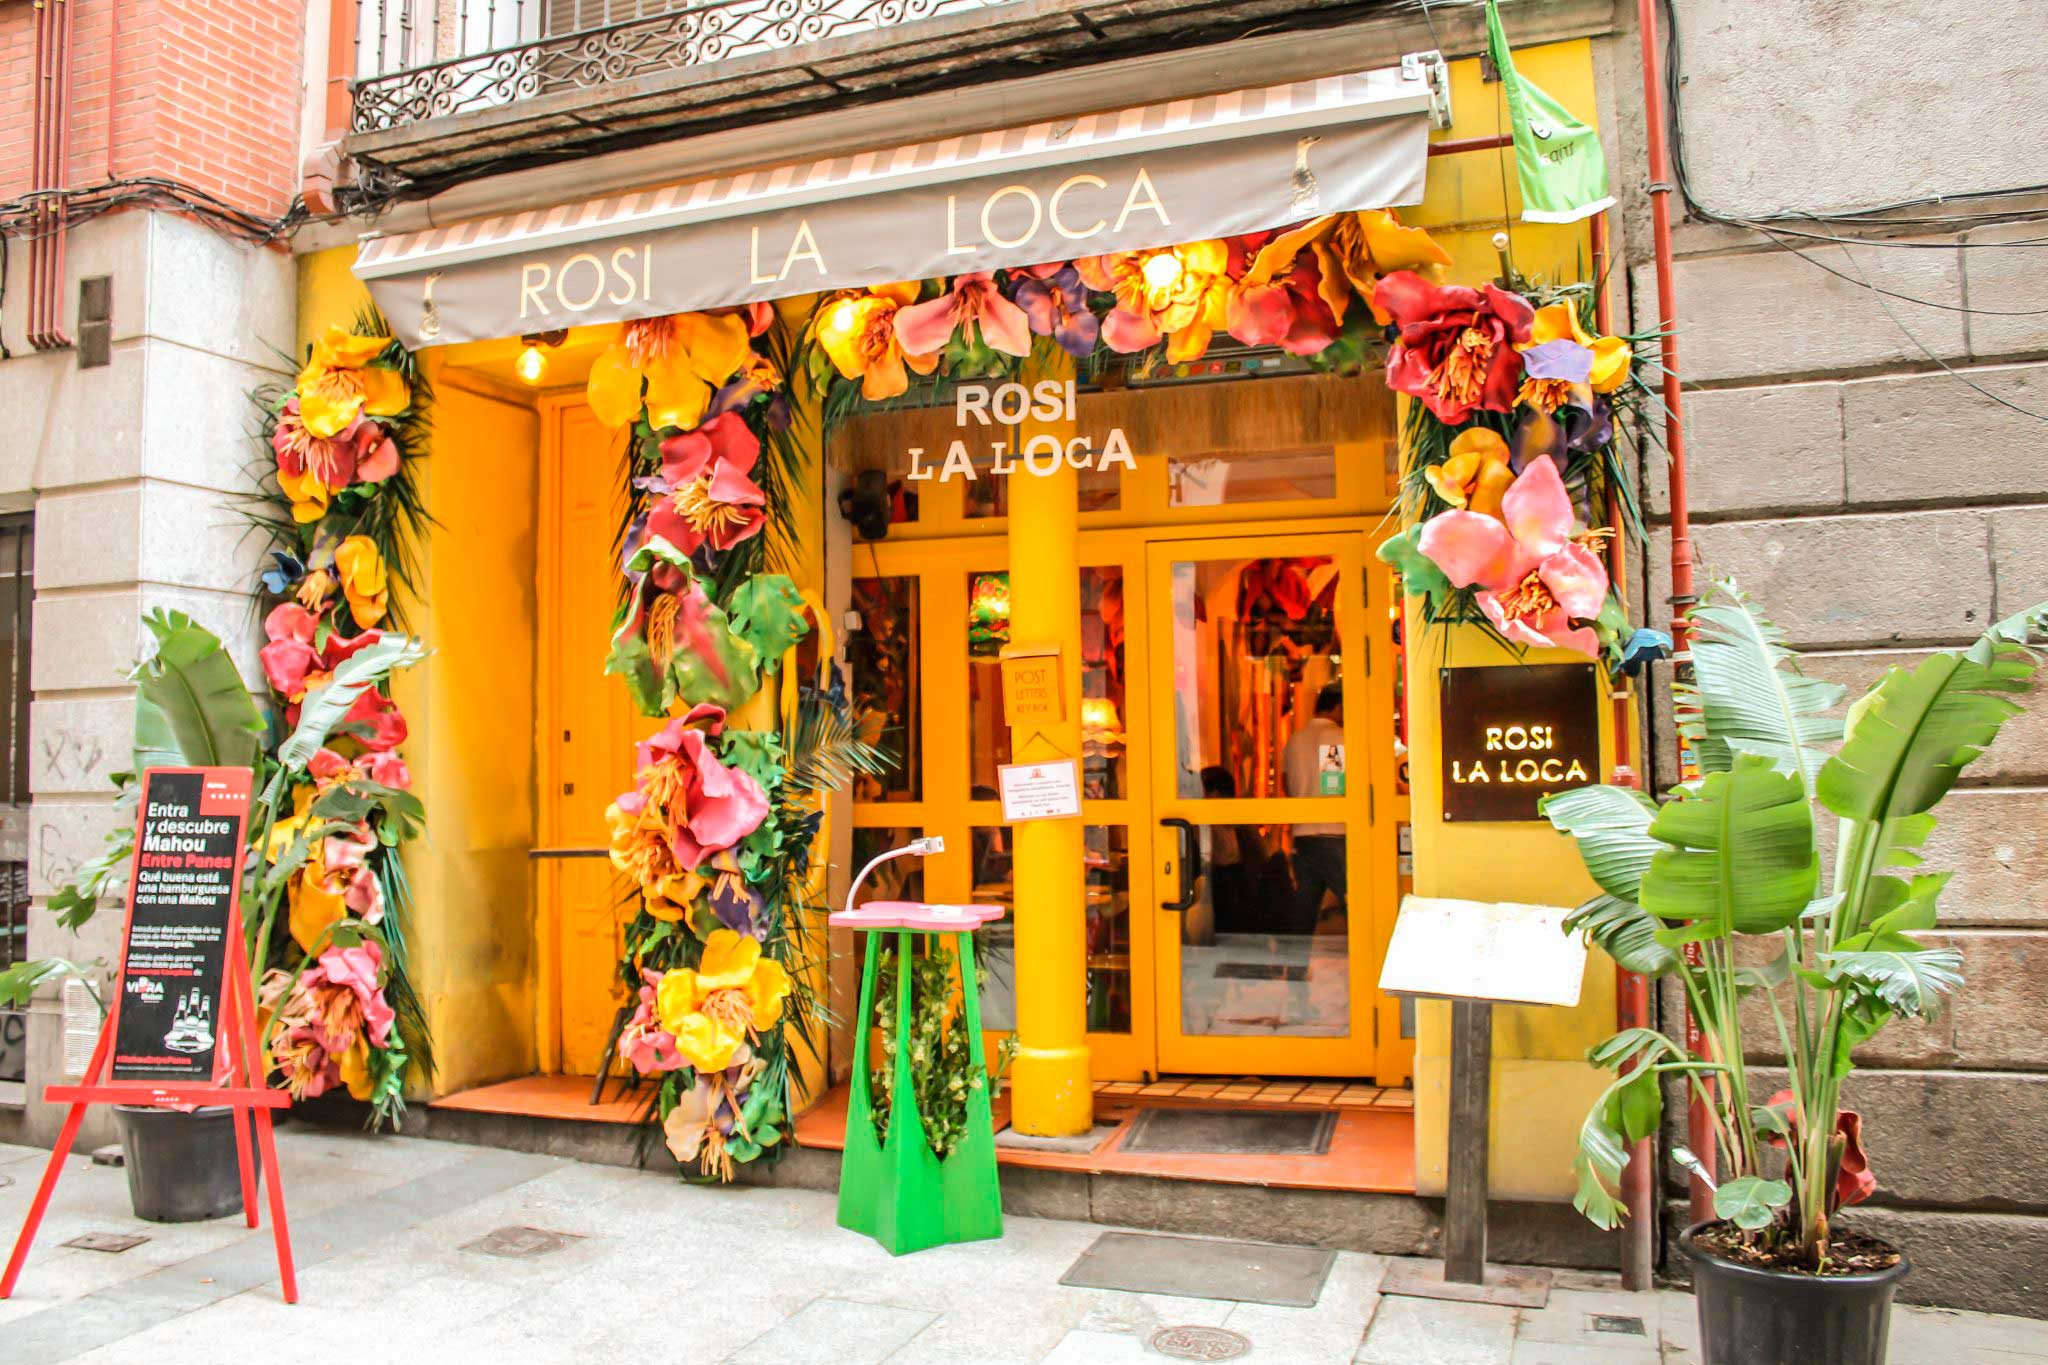 The bright, yellow exterior of the Rosi La Loca cafe.